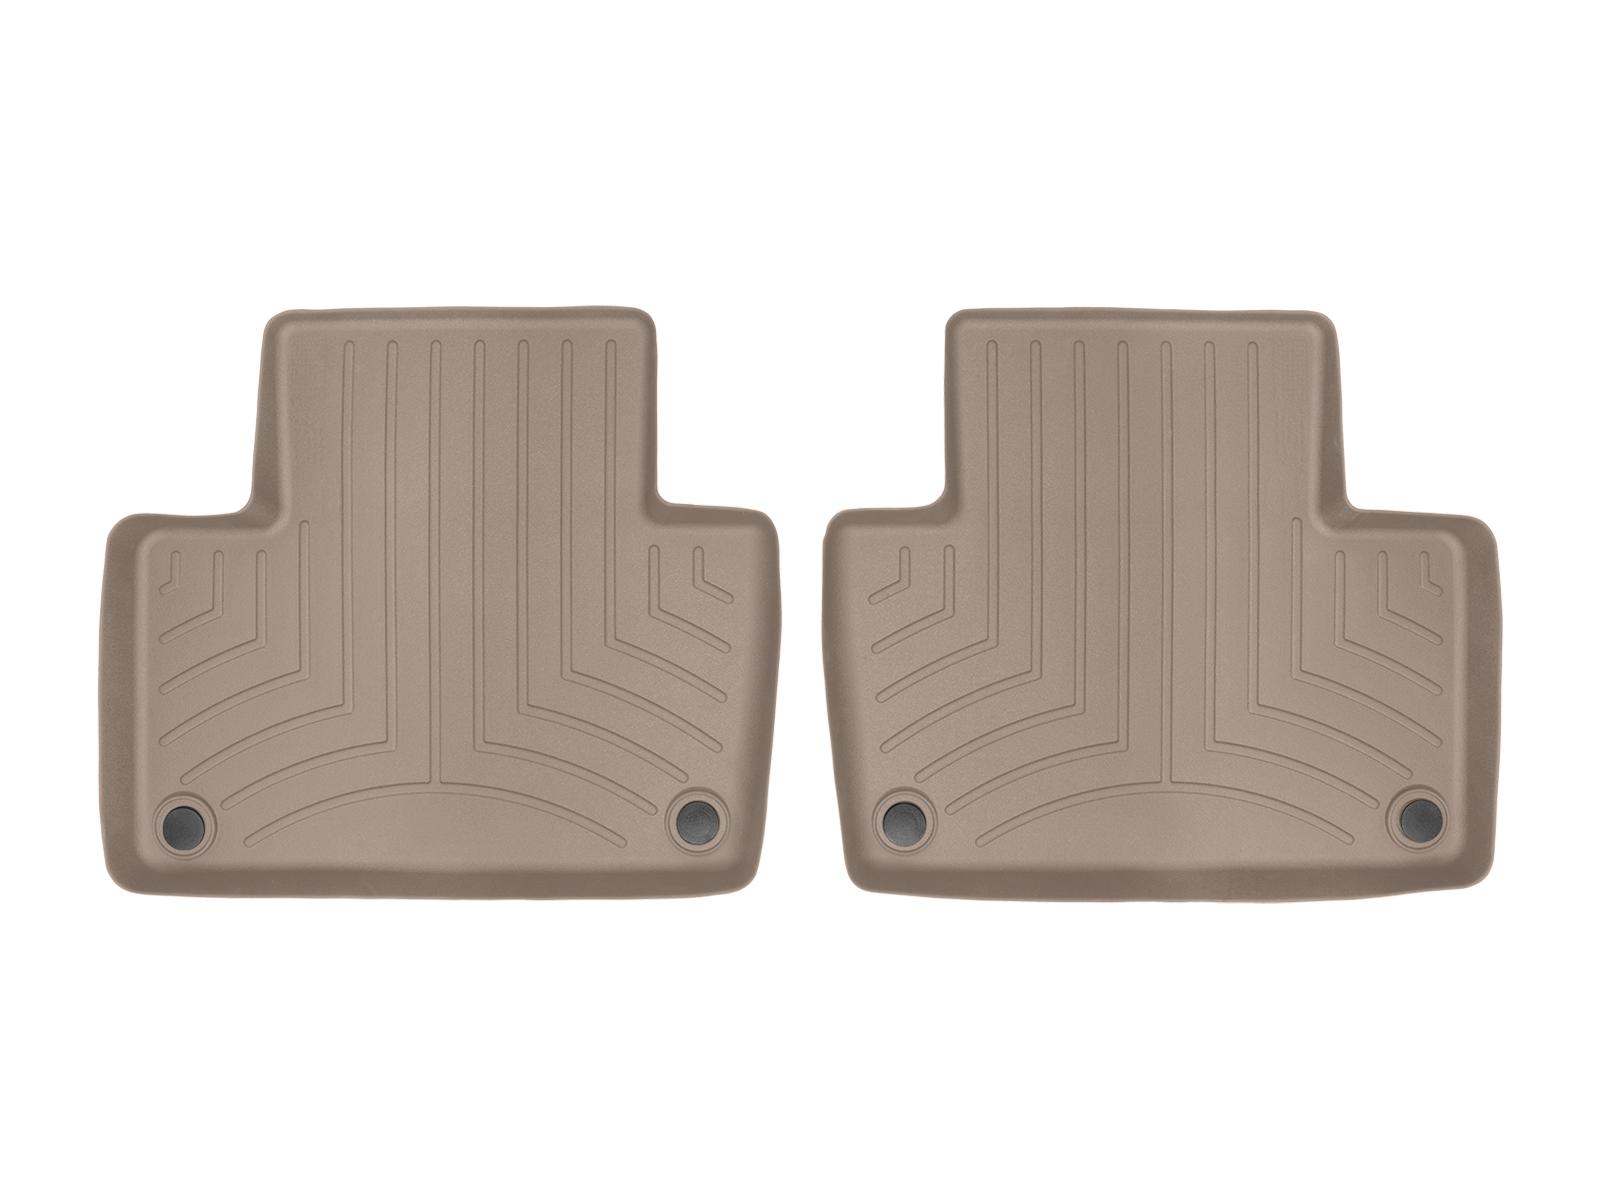 Tappeti gomma su misura bordo alto Volvo XC90 15>17 Marrone A4457*